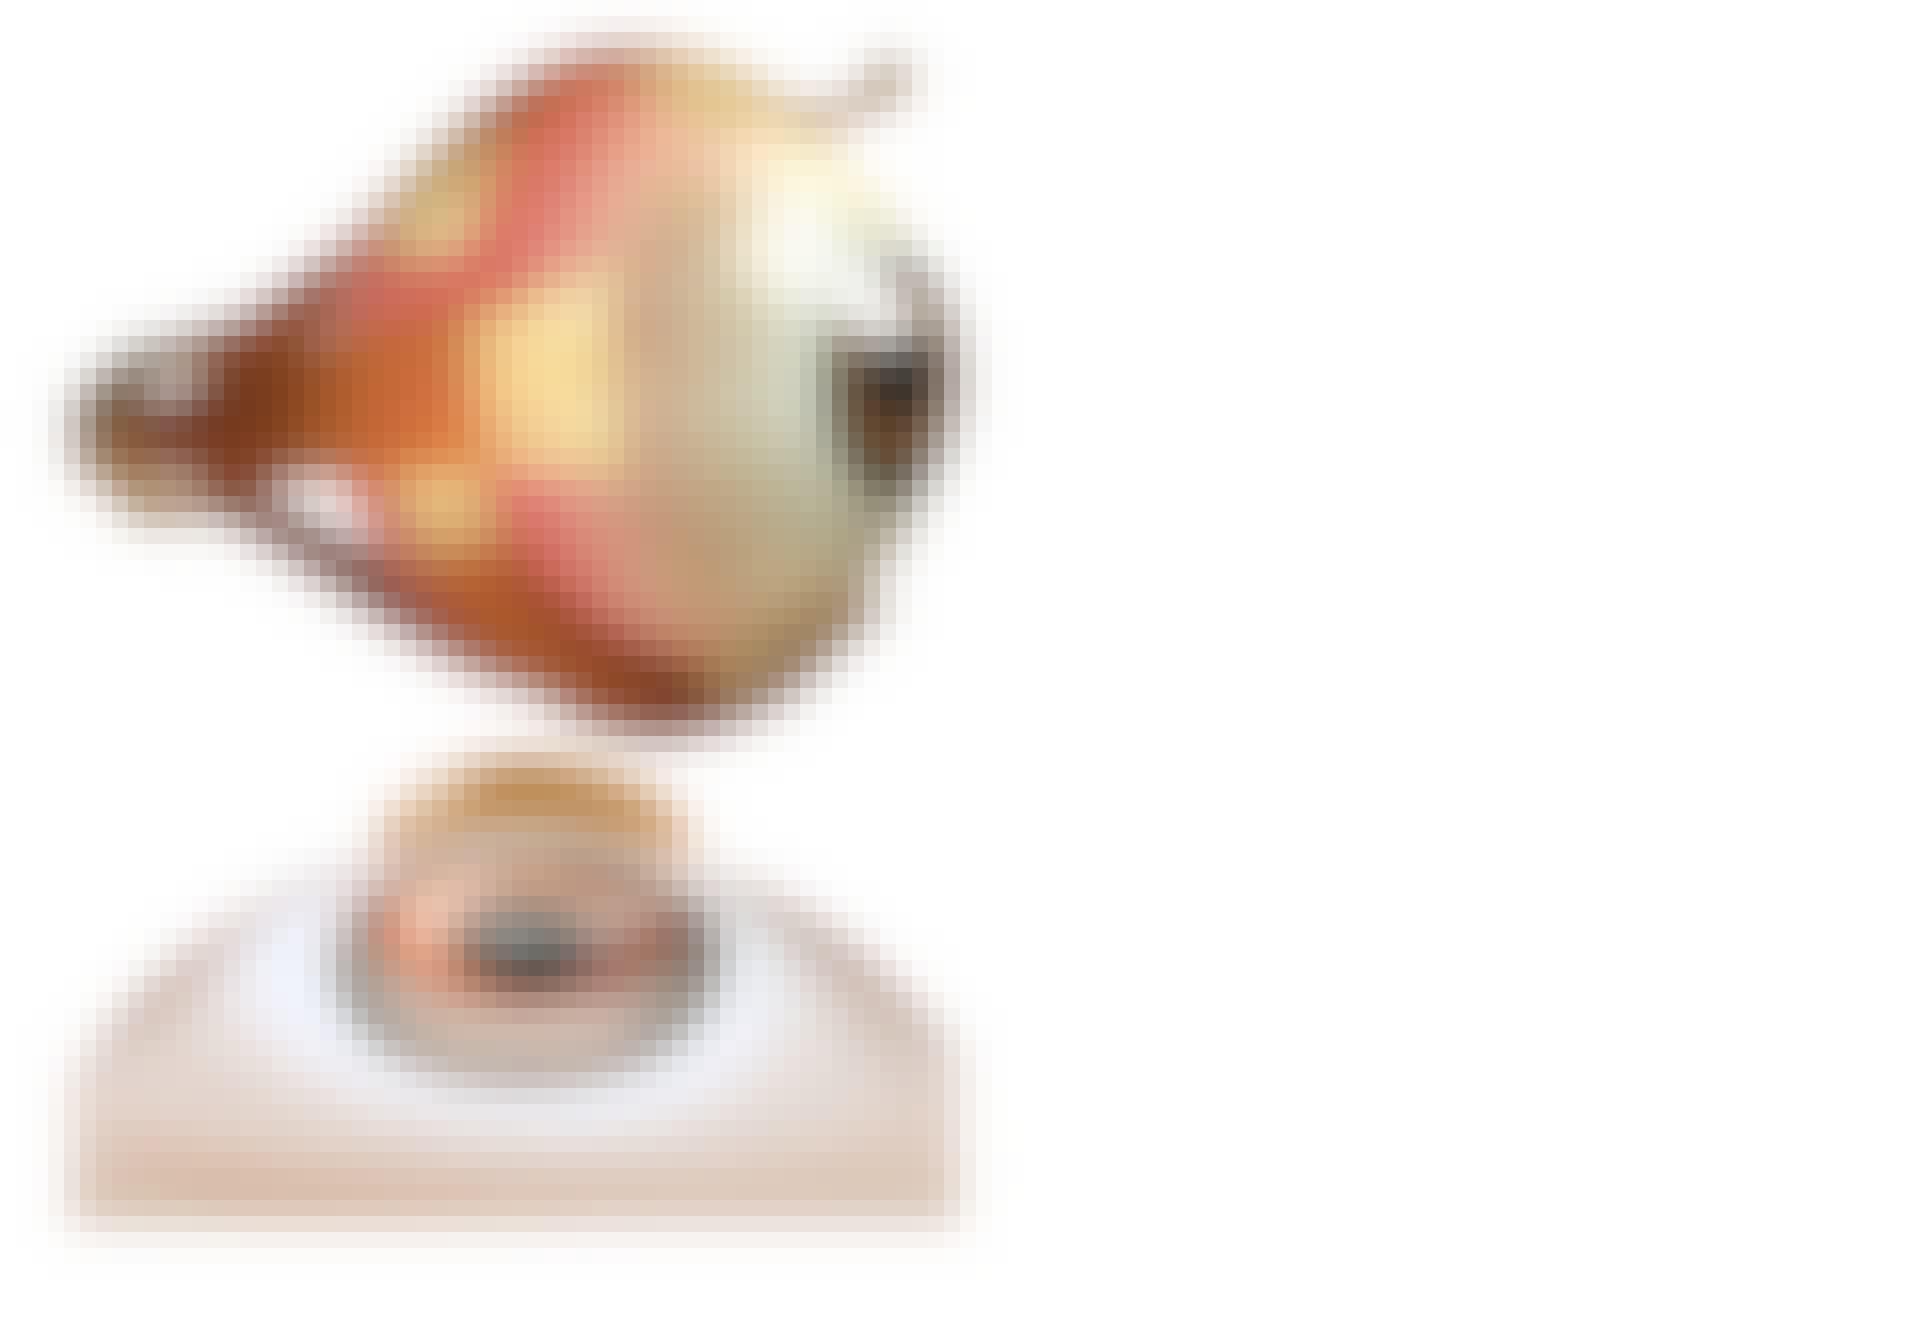 Två bilder visar ett helt öga respektive en framhävd hornhinna.